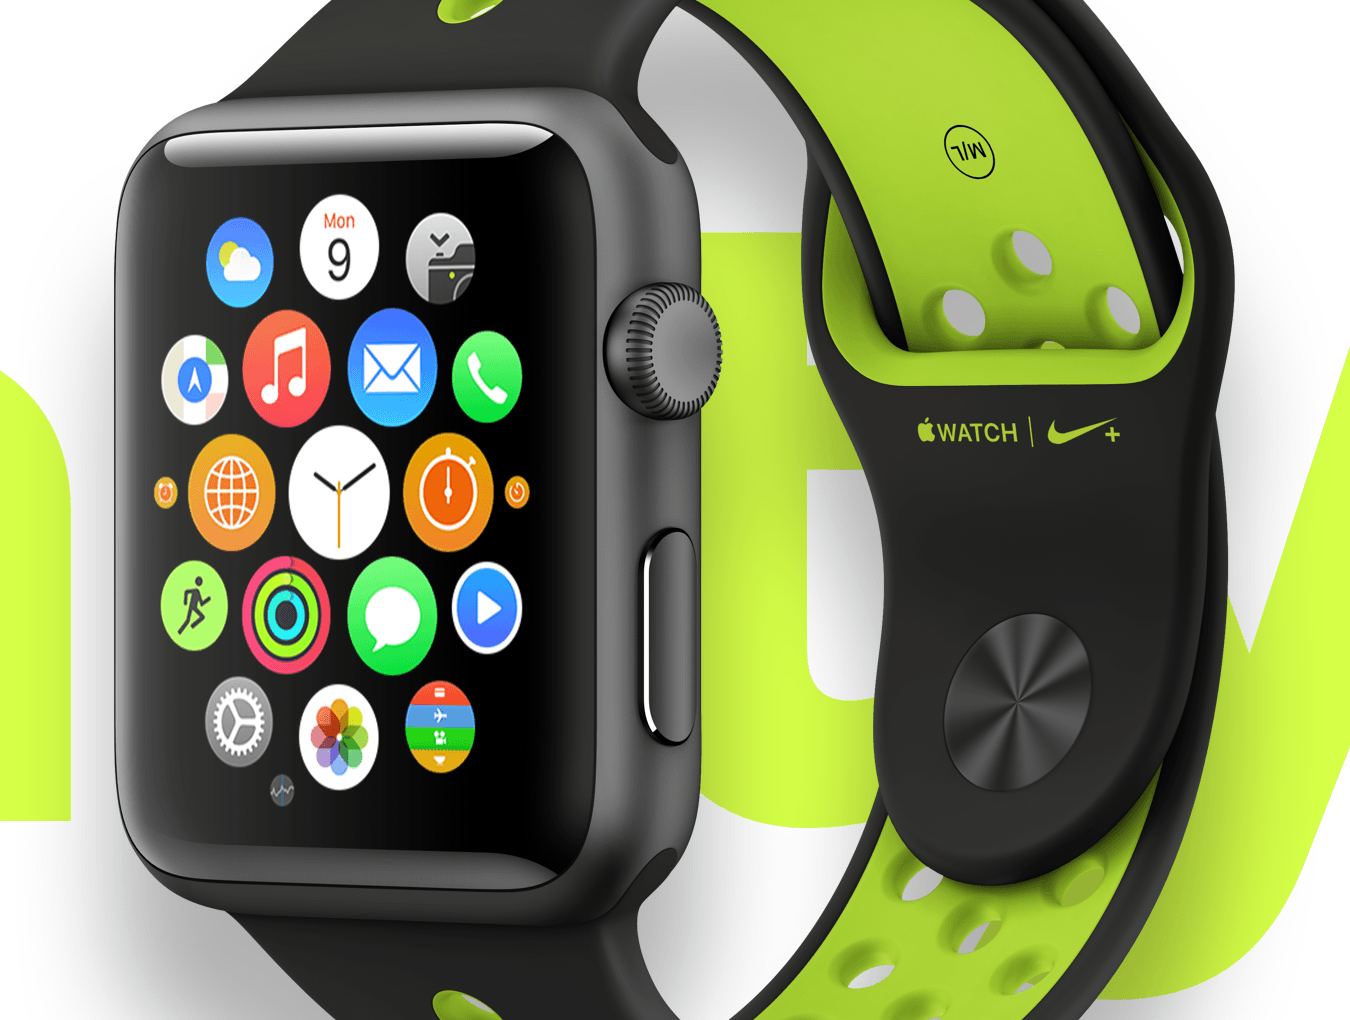 5款前视图苹果手表Apple Watch展示样机 Top 5 Apple Watch Views插图(4)